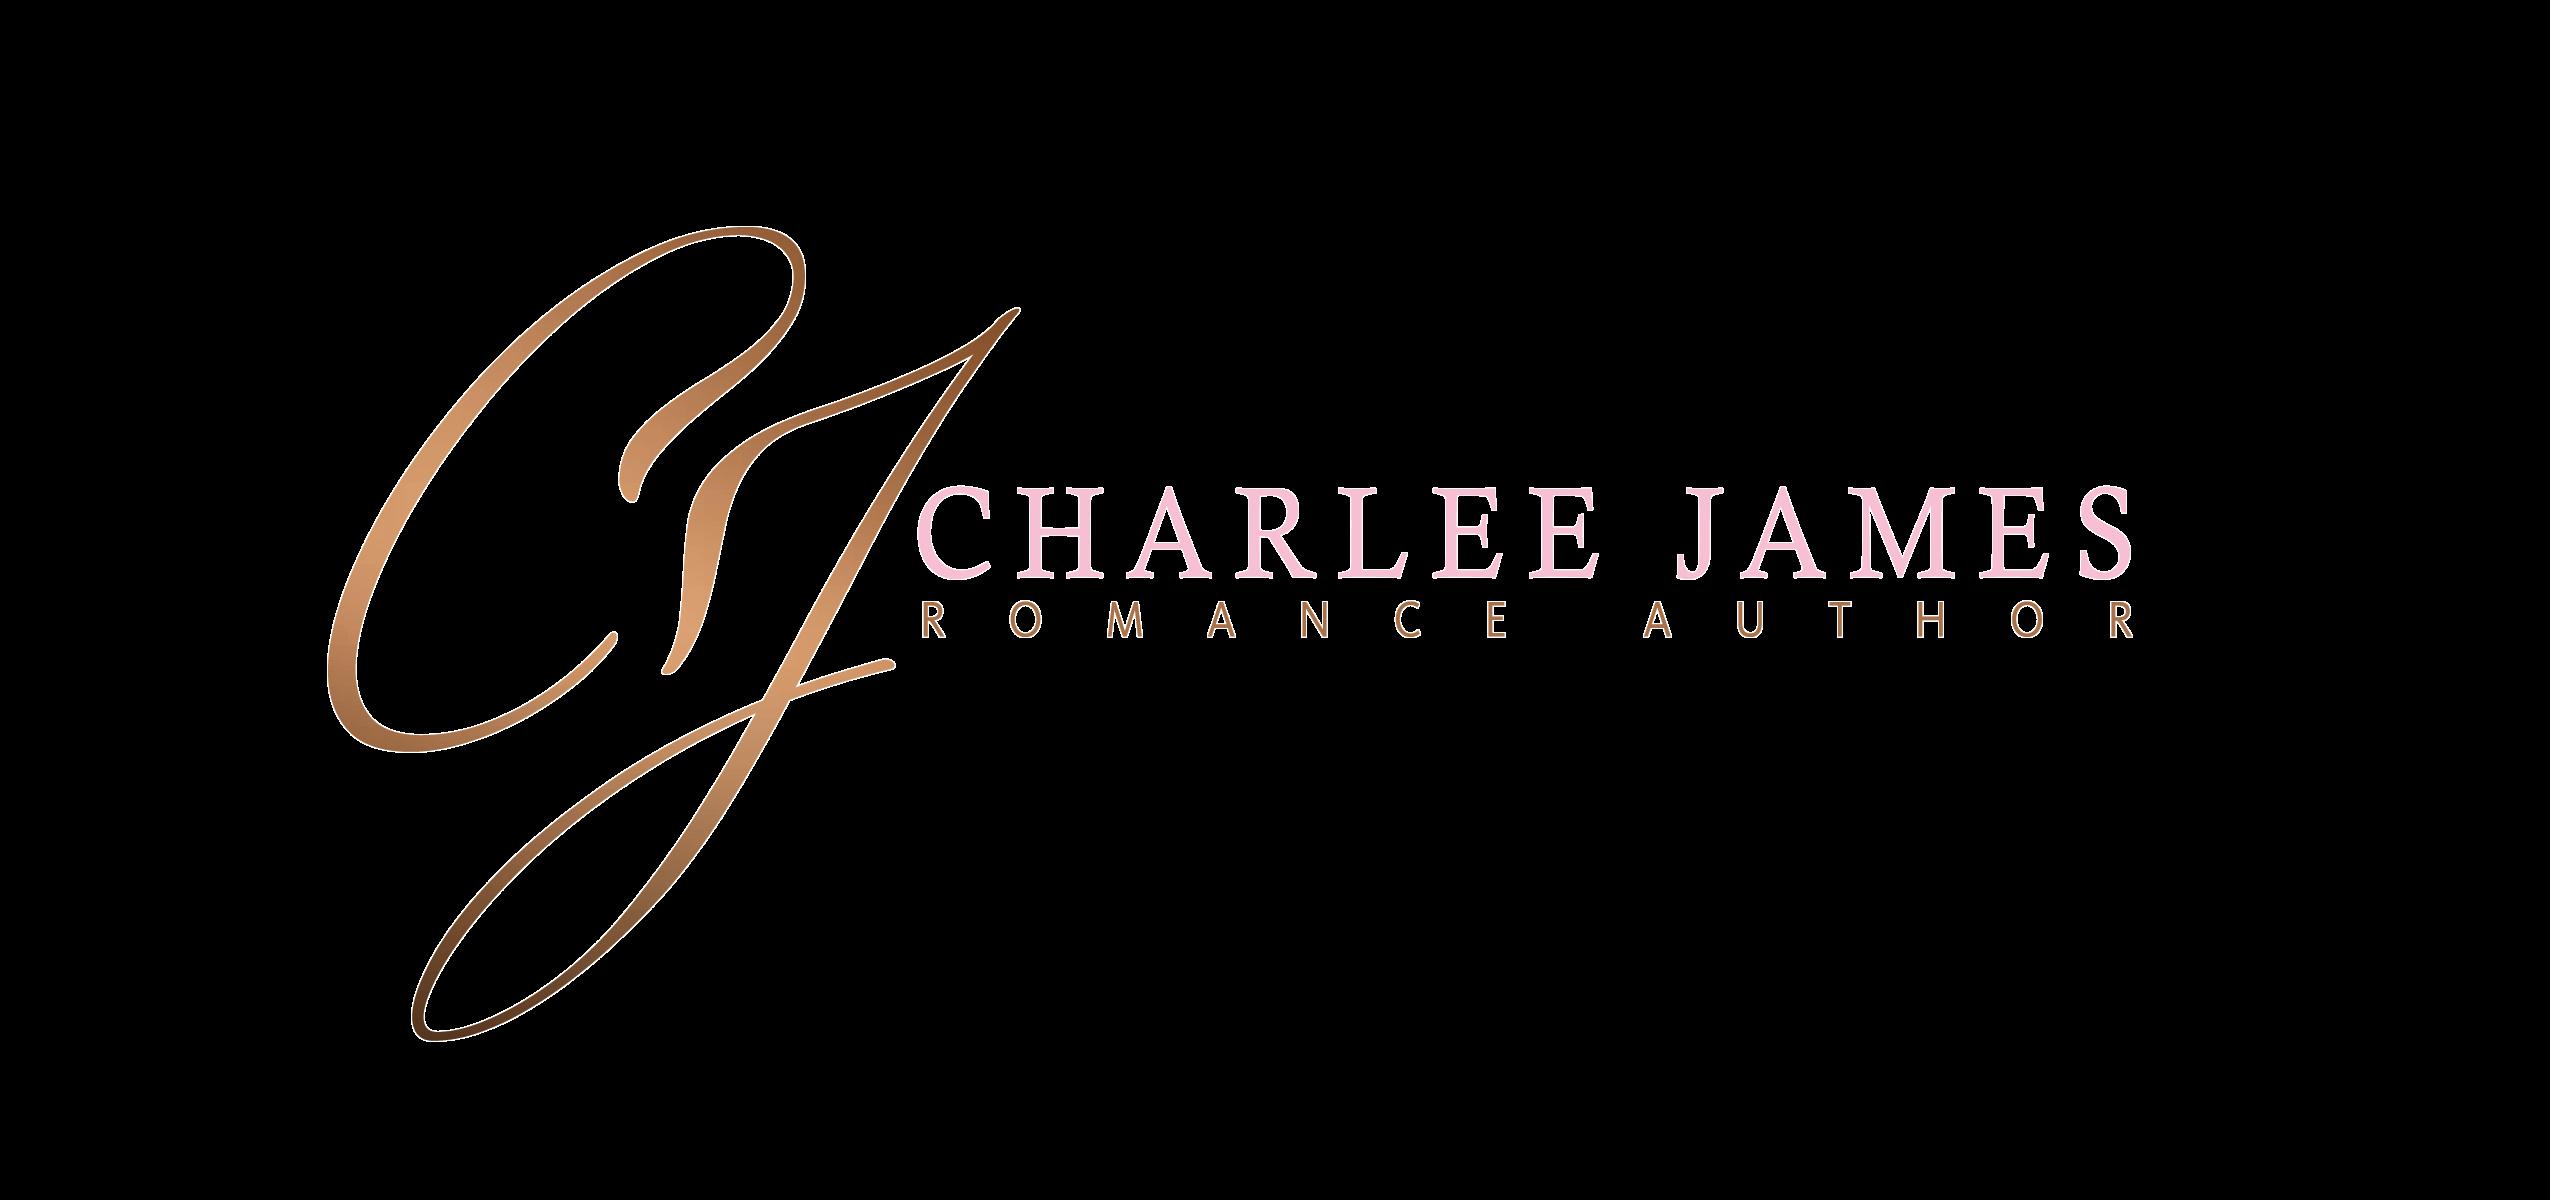 CharleeJames_FNL-01_edited